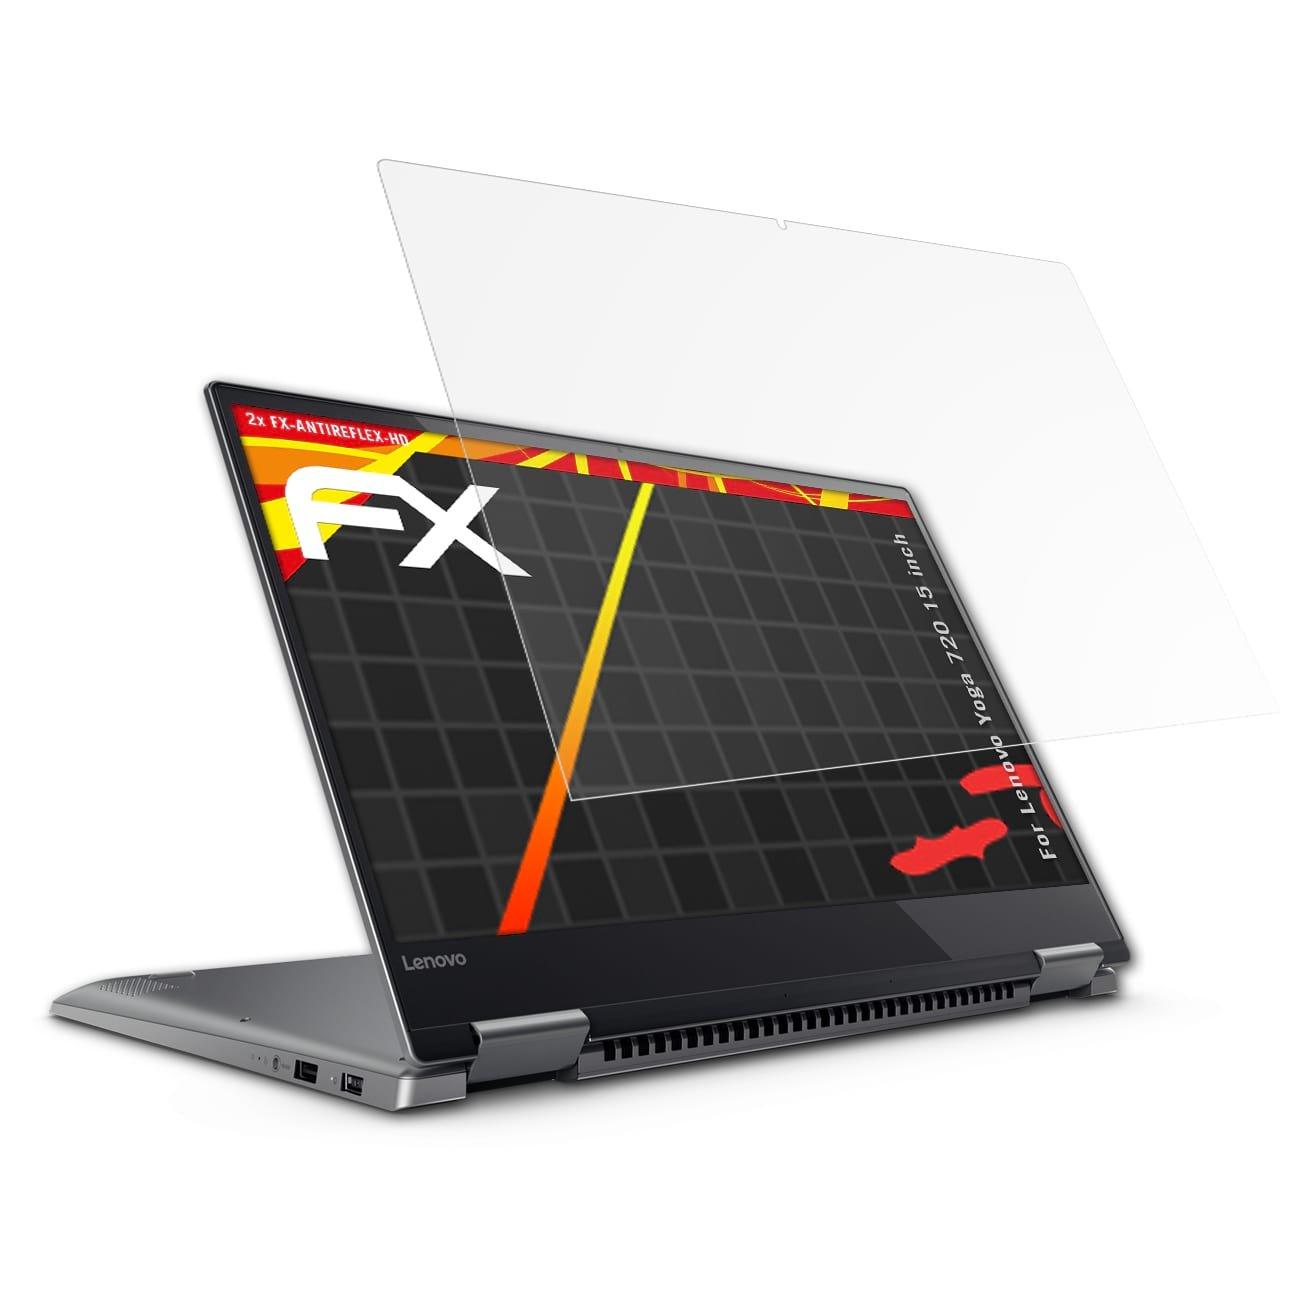 atFoliX Protector Película para Lenovo Yoga 720 15 Inch ...